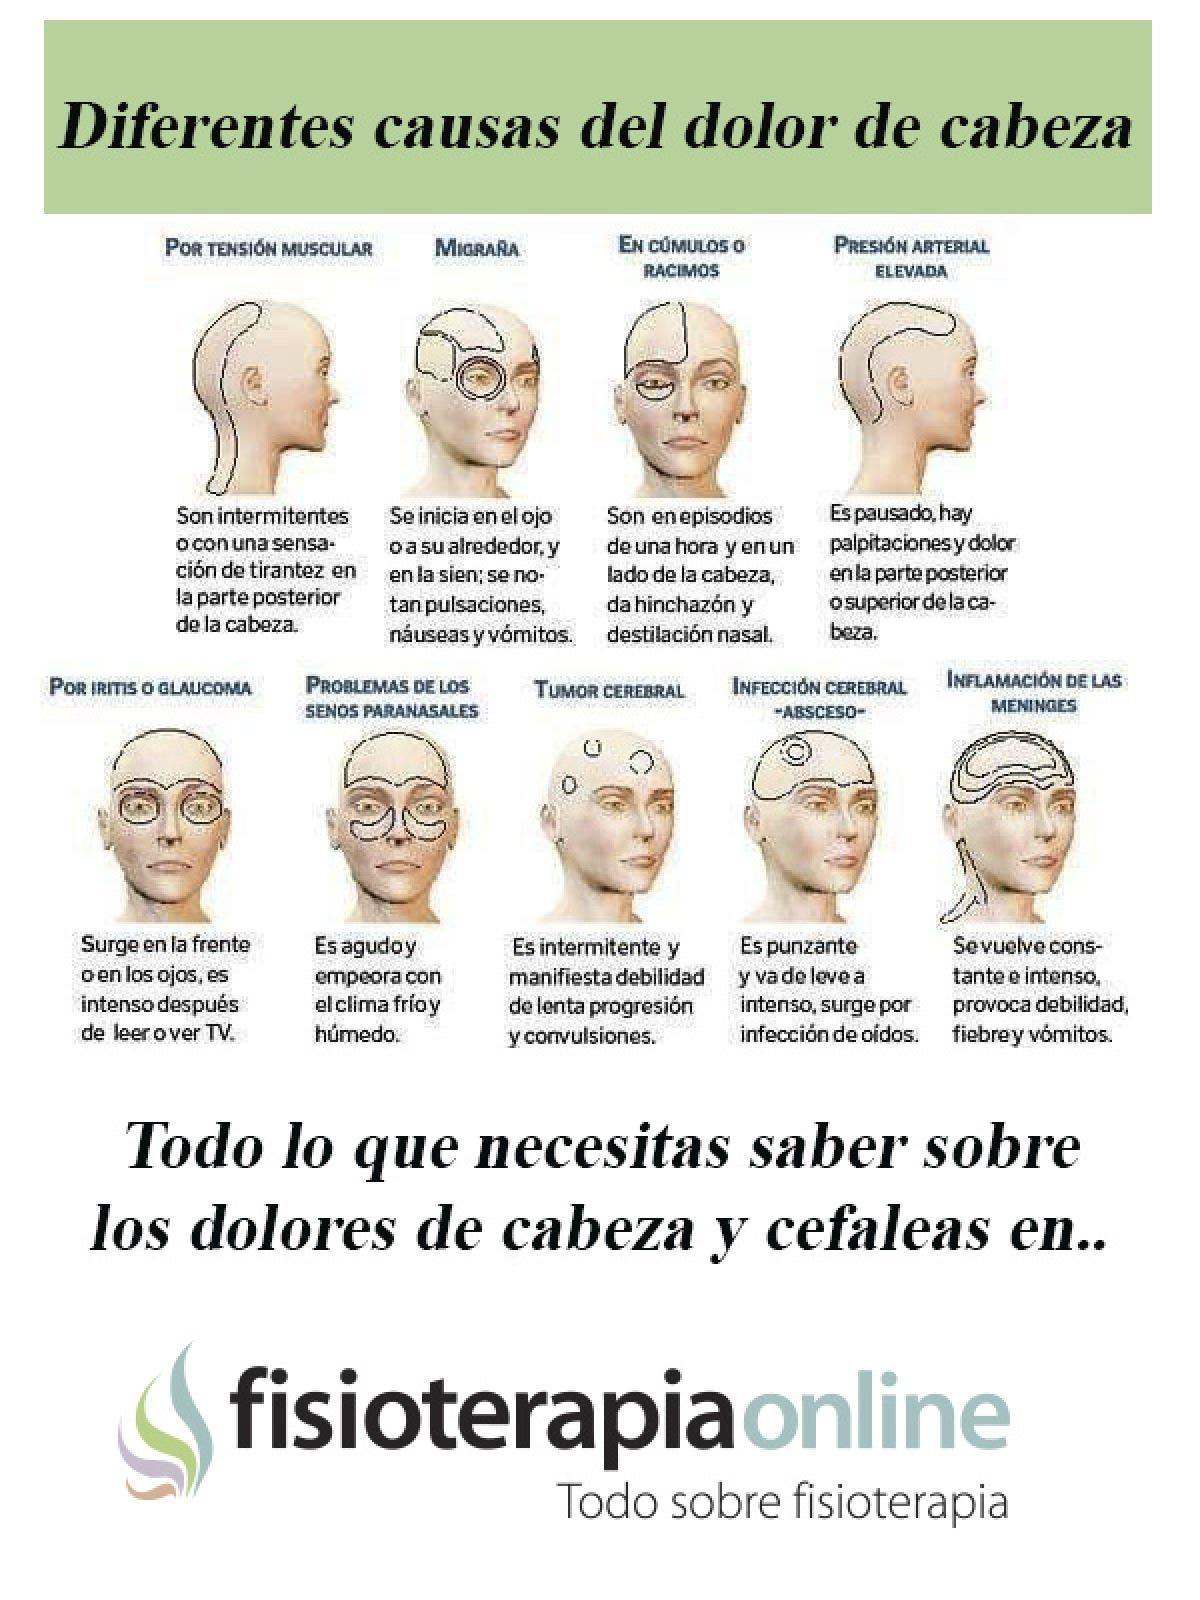 Los dolores de cabeza constantes a sheynom la osteocondrosis